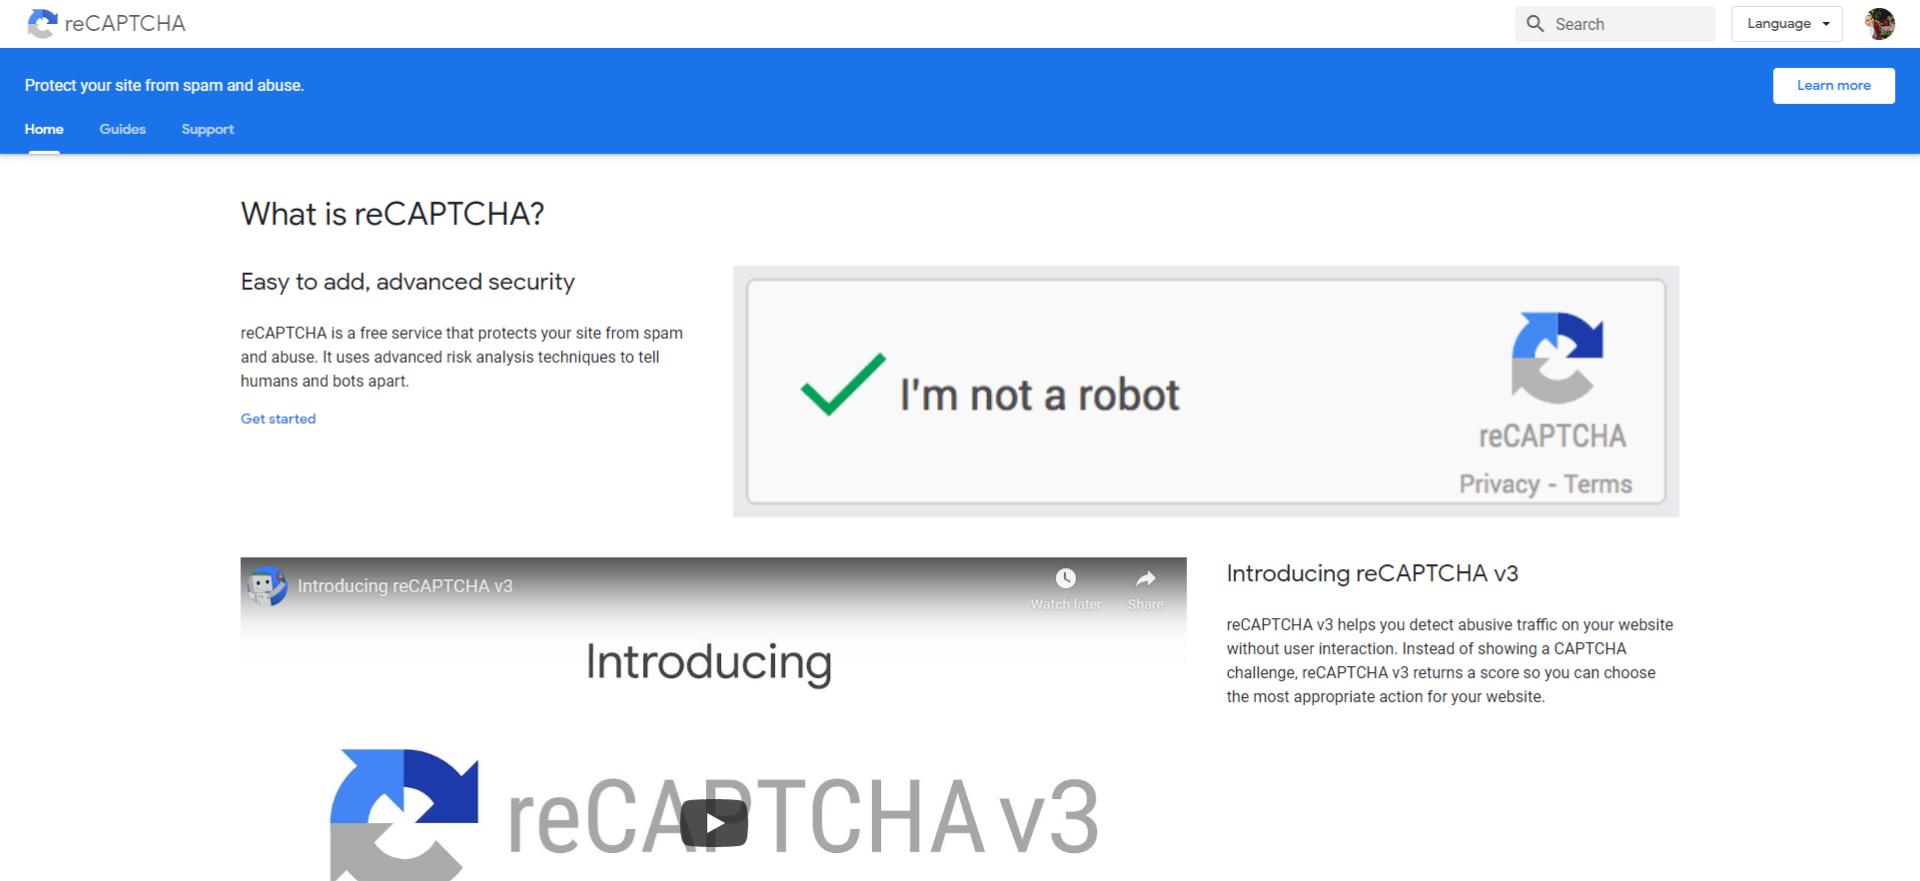 جوجل reCAPTCHA لحماية المتجر الالكتروني الـ احترافي